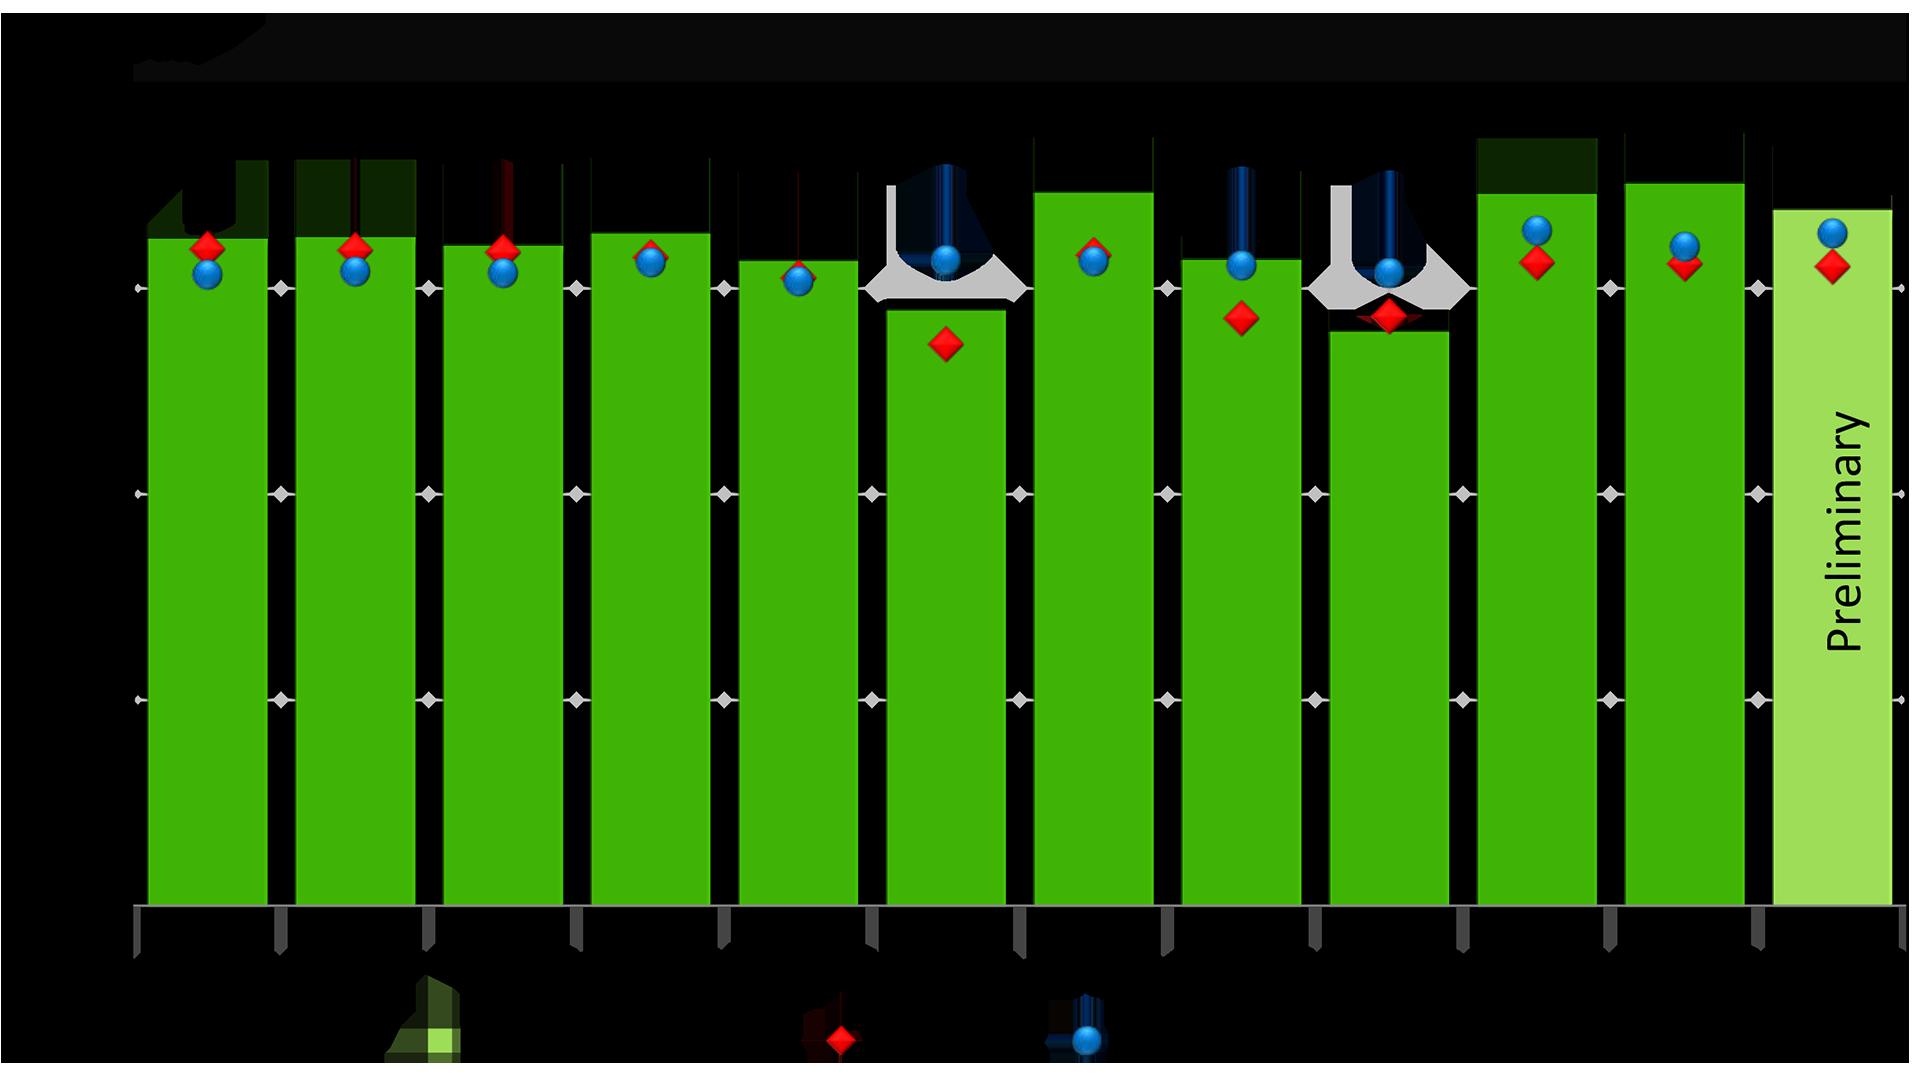 Norway 2016 figures